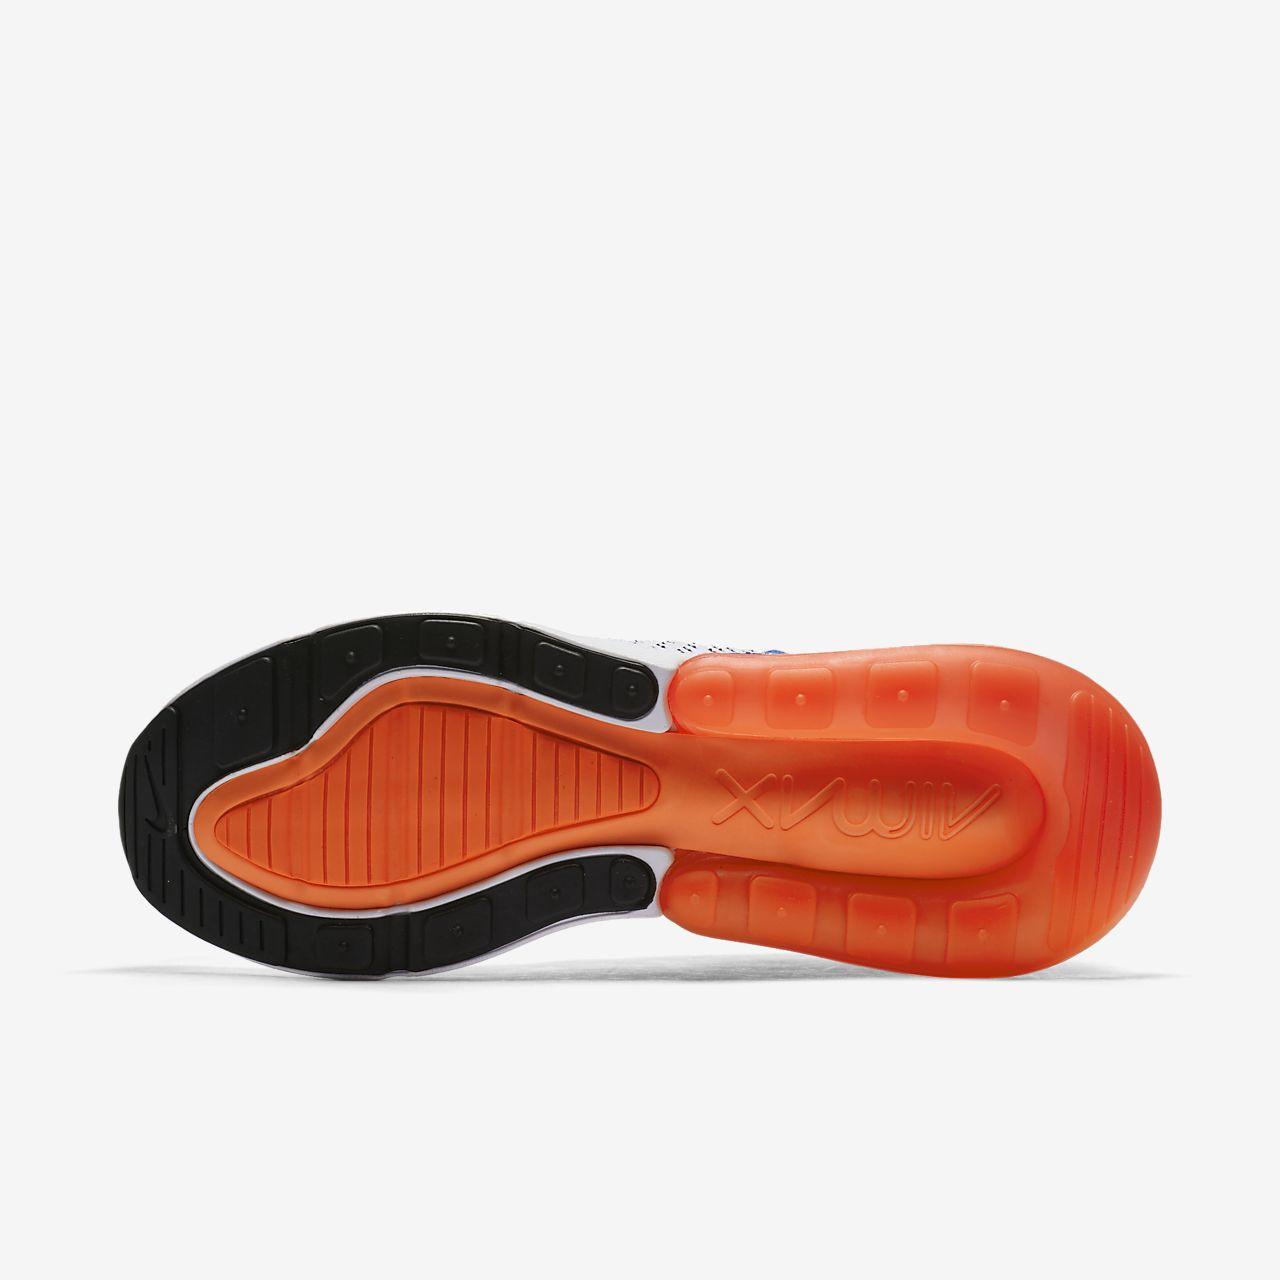 Air Max Acquista 270 Arancione Sconti Nike Off44 Flyknit 5ATqwzT 1e0338e7941